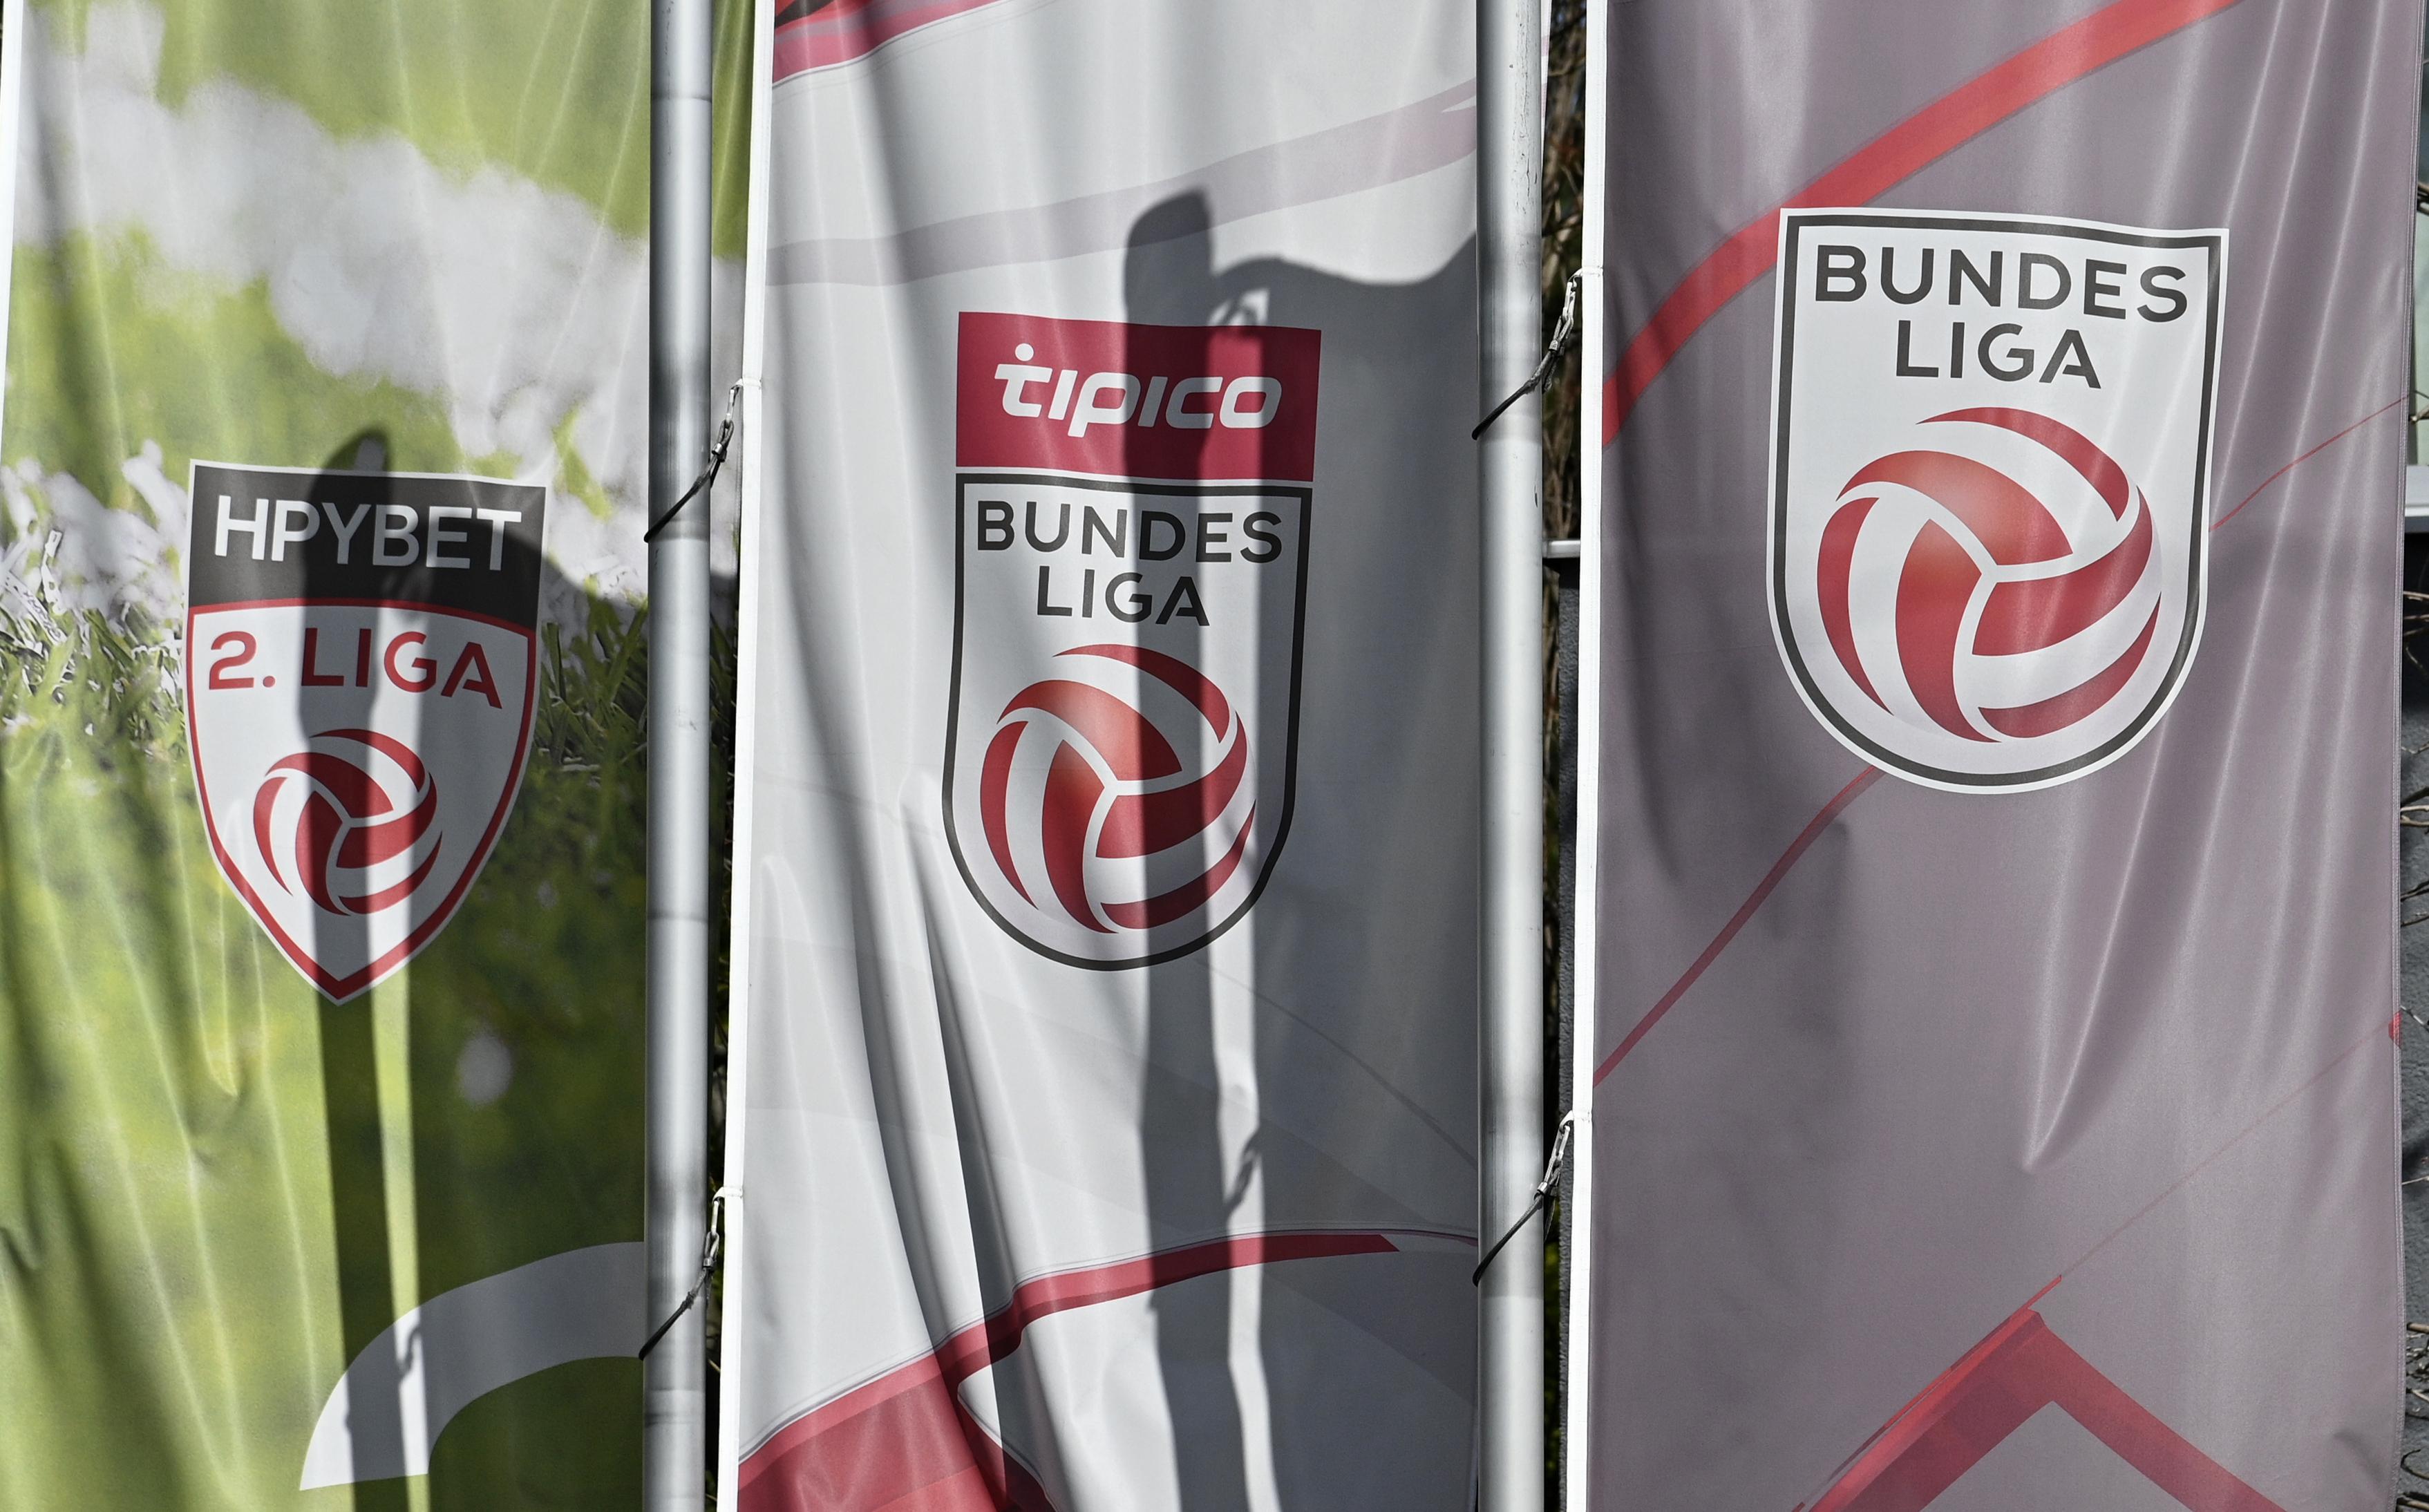 Aktion scharf der Bundesliga in Sachen Corona-Tests